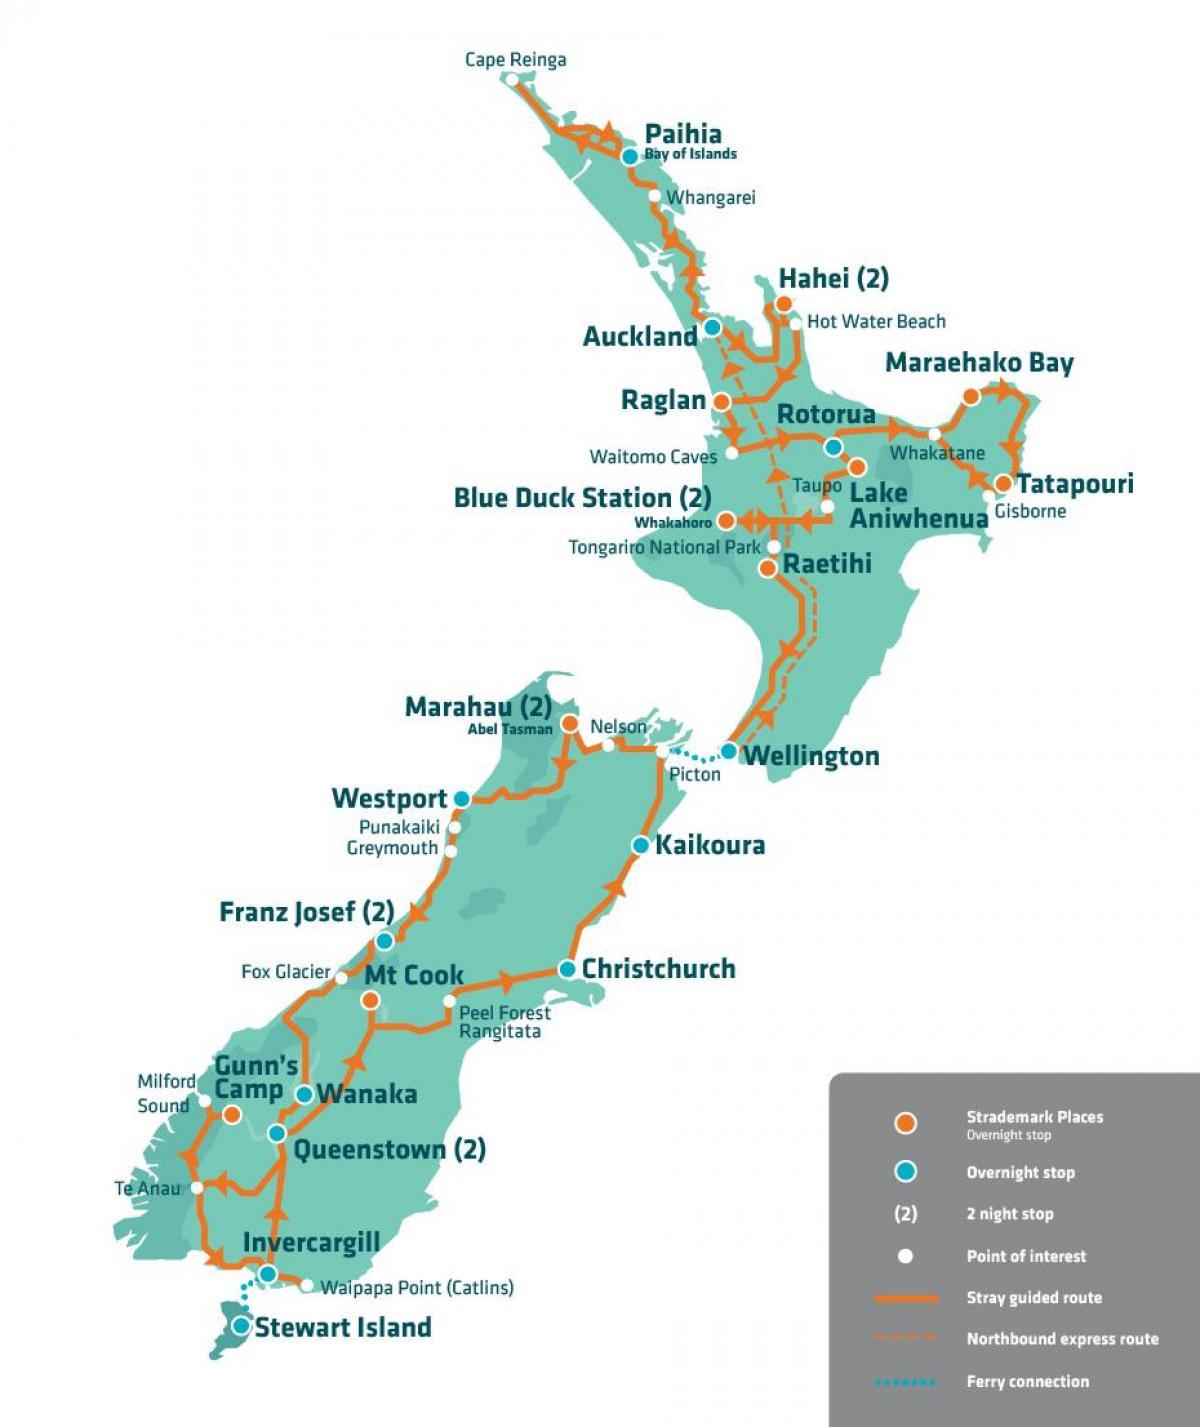 Cartina Nuova Zelanda.Nuova Zelanda Viaggio Di Mappa Nuova Zelanda Attrazione Mappa Australia E Nuova Zelanda Oceania